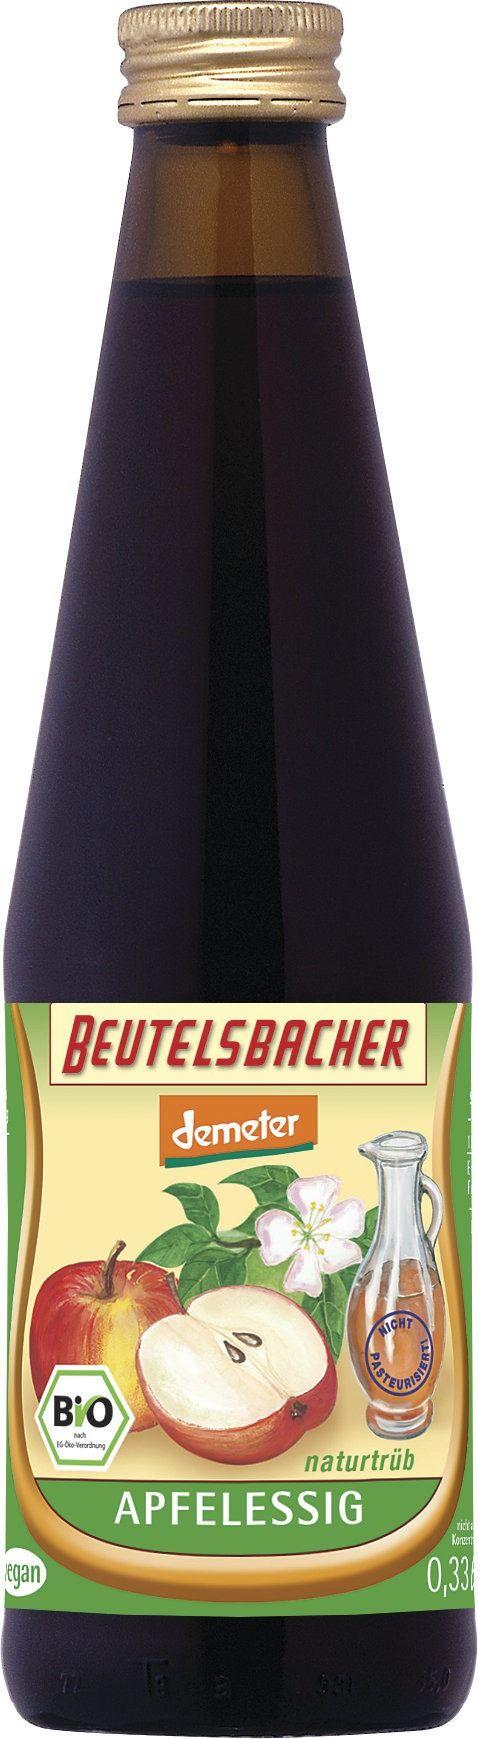 BEUTELSBACHER Demeter Apfelessig trüb 12x0,33l